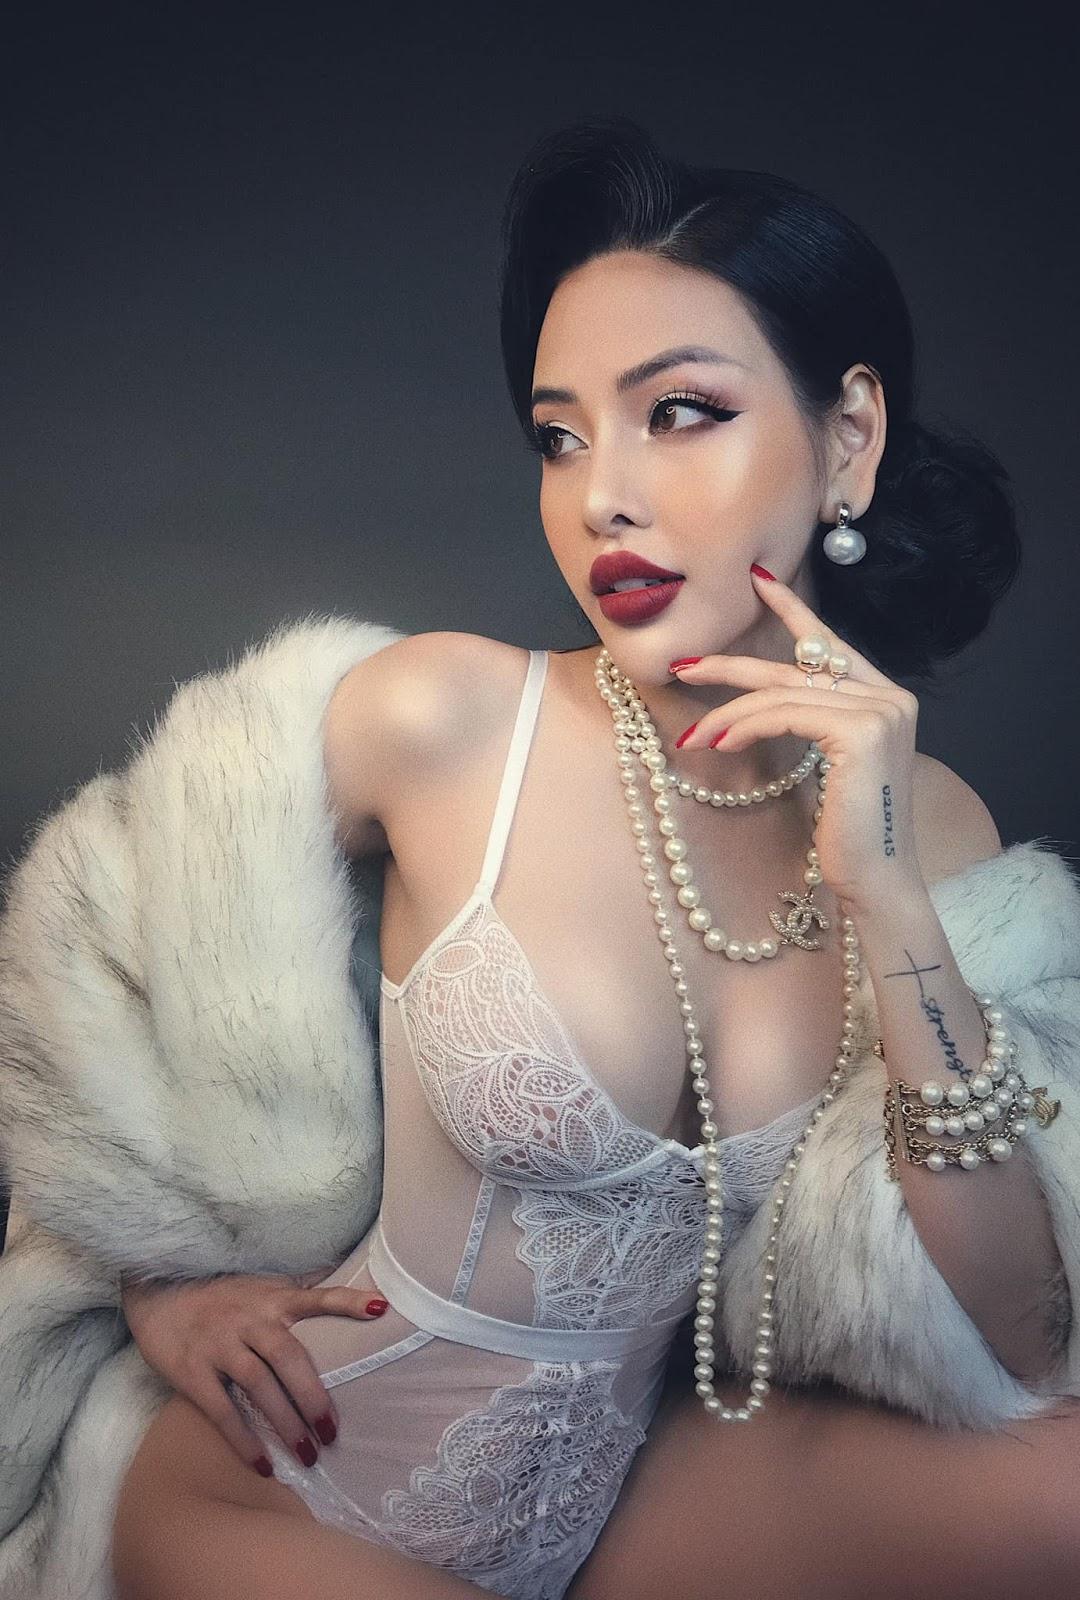 Trần Mai Hương Diện đồ ren quyến rũ khó tả